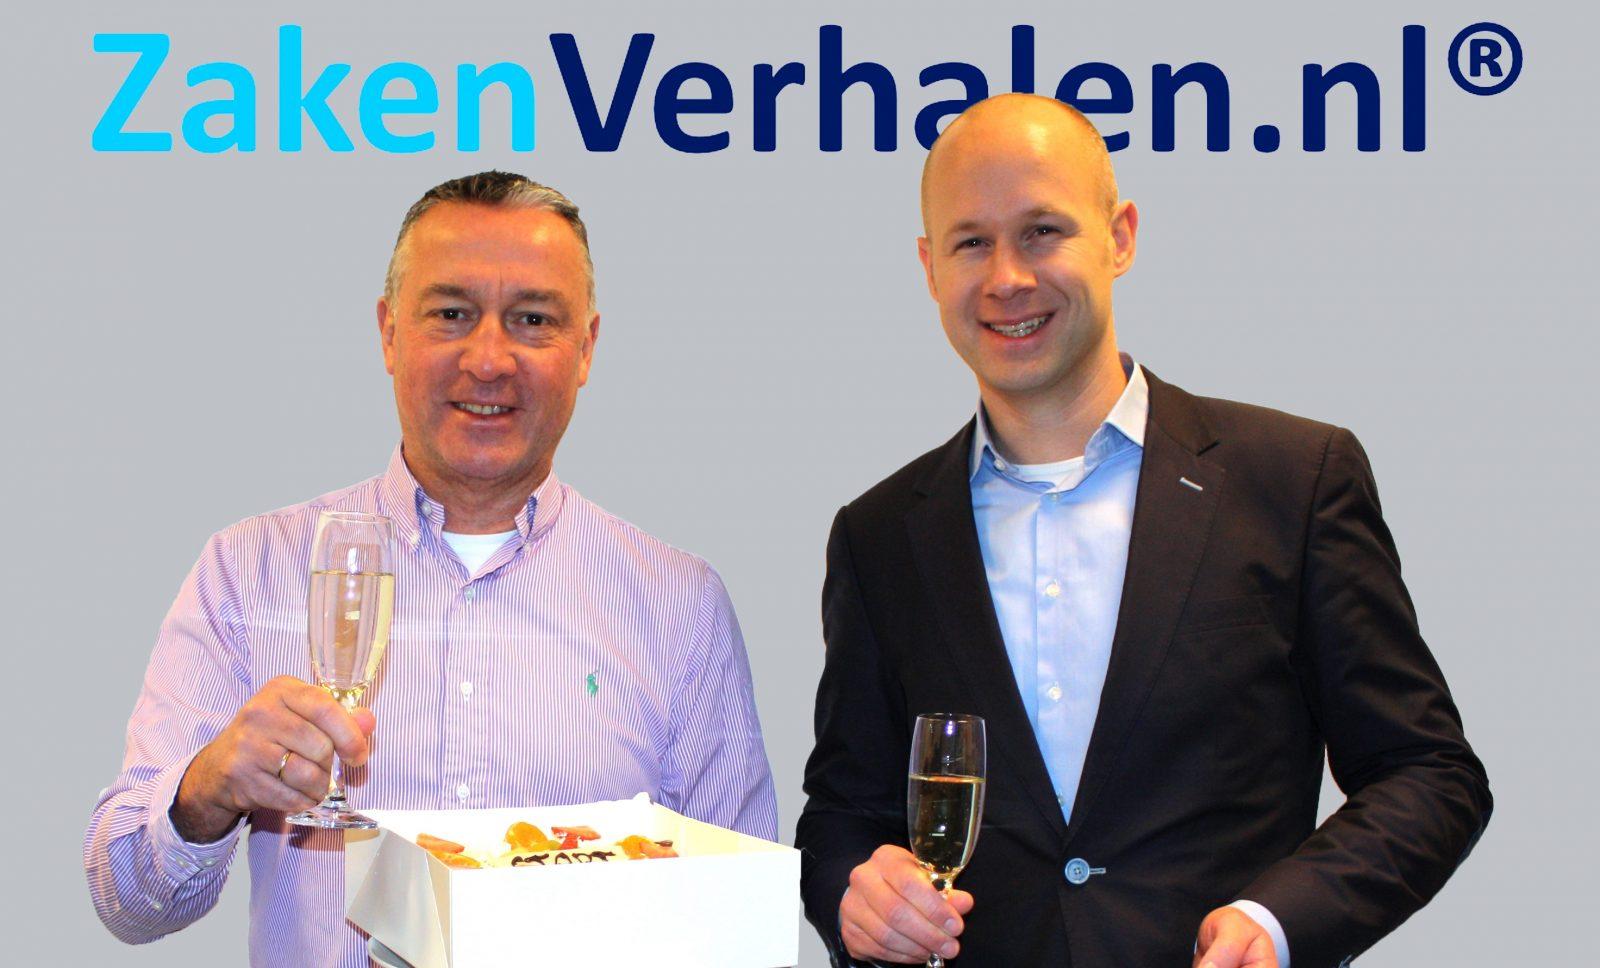 ZakenVerhalen - feestelijke start JvN-RV